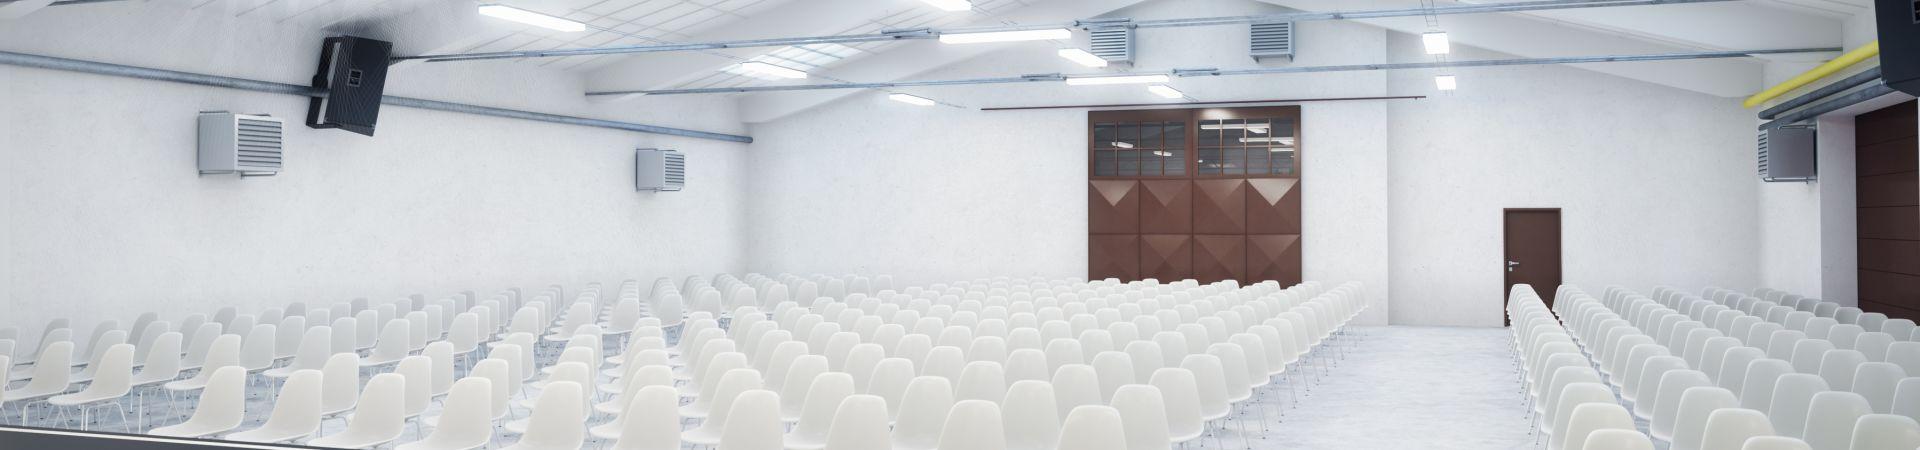 VÝTAHÁRNA Papírenská - Velká hala 250m